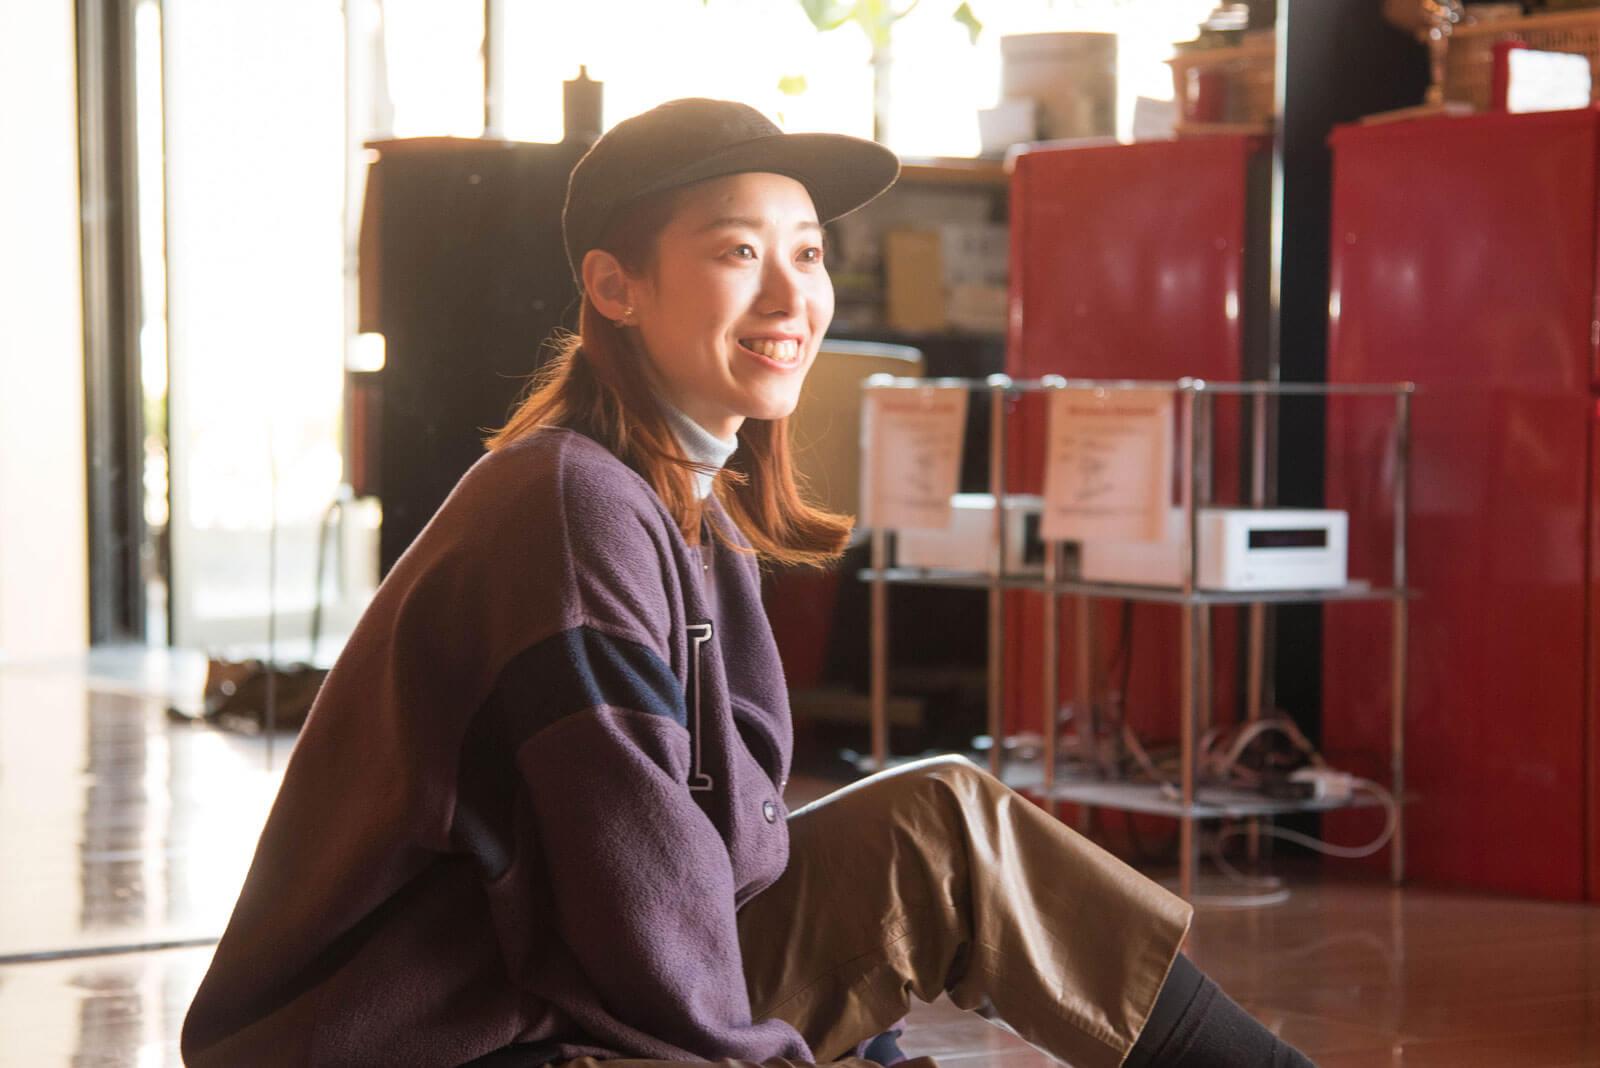 ローカルWEBメディア・地域サイト 地元サイト 草加ローカルストーリー 岡本朱里 ダンサー 坐禅 5枚目写真